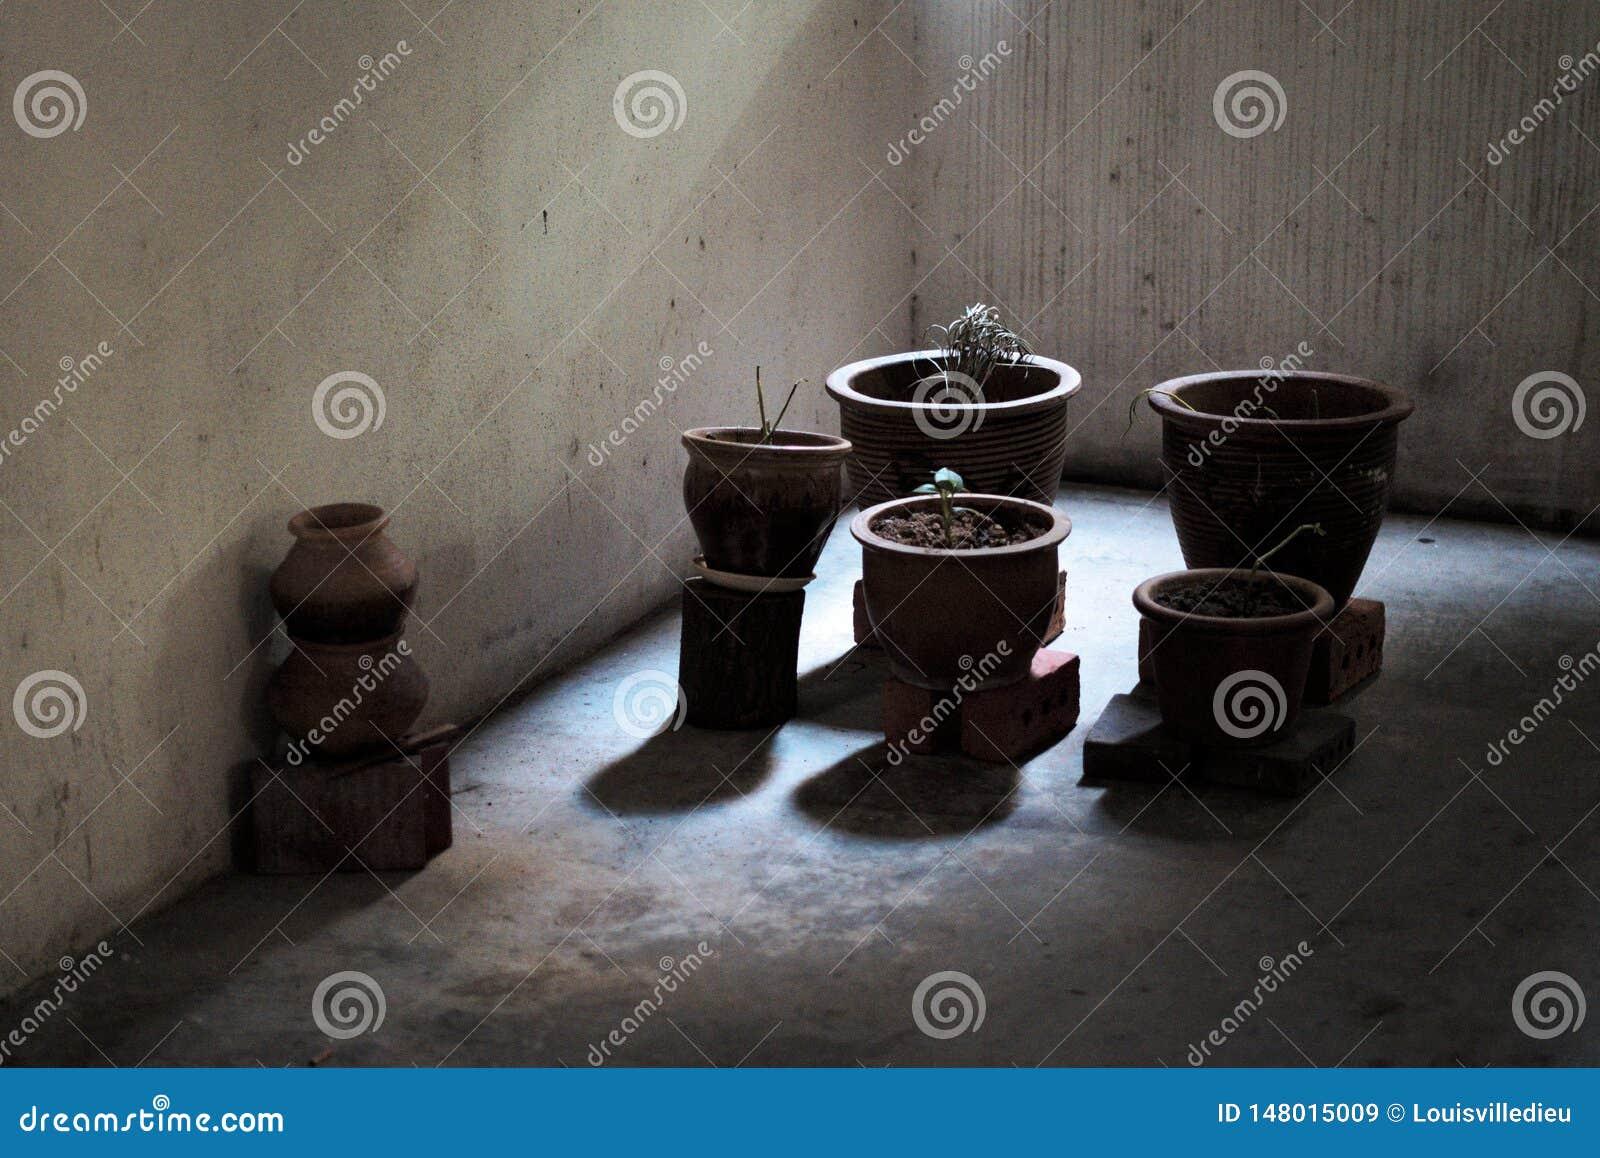 Potenciômetros da planta em tijolos em sombras escuras em um salão complexo manchado